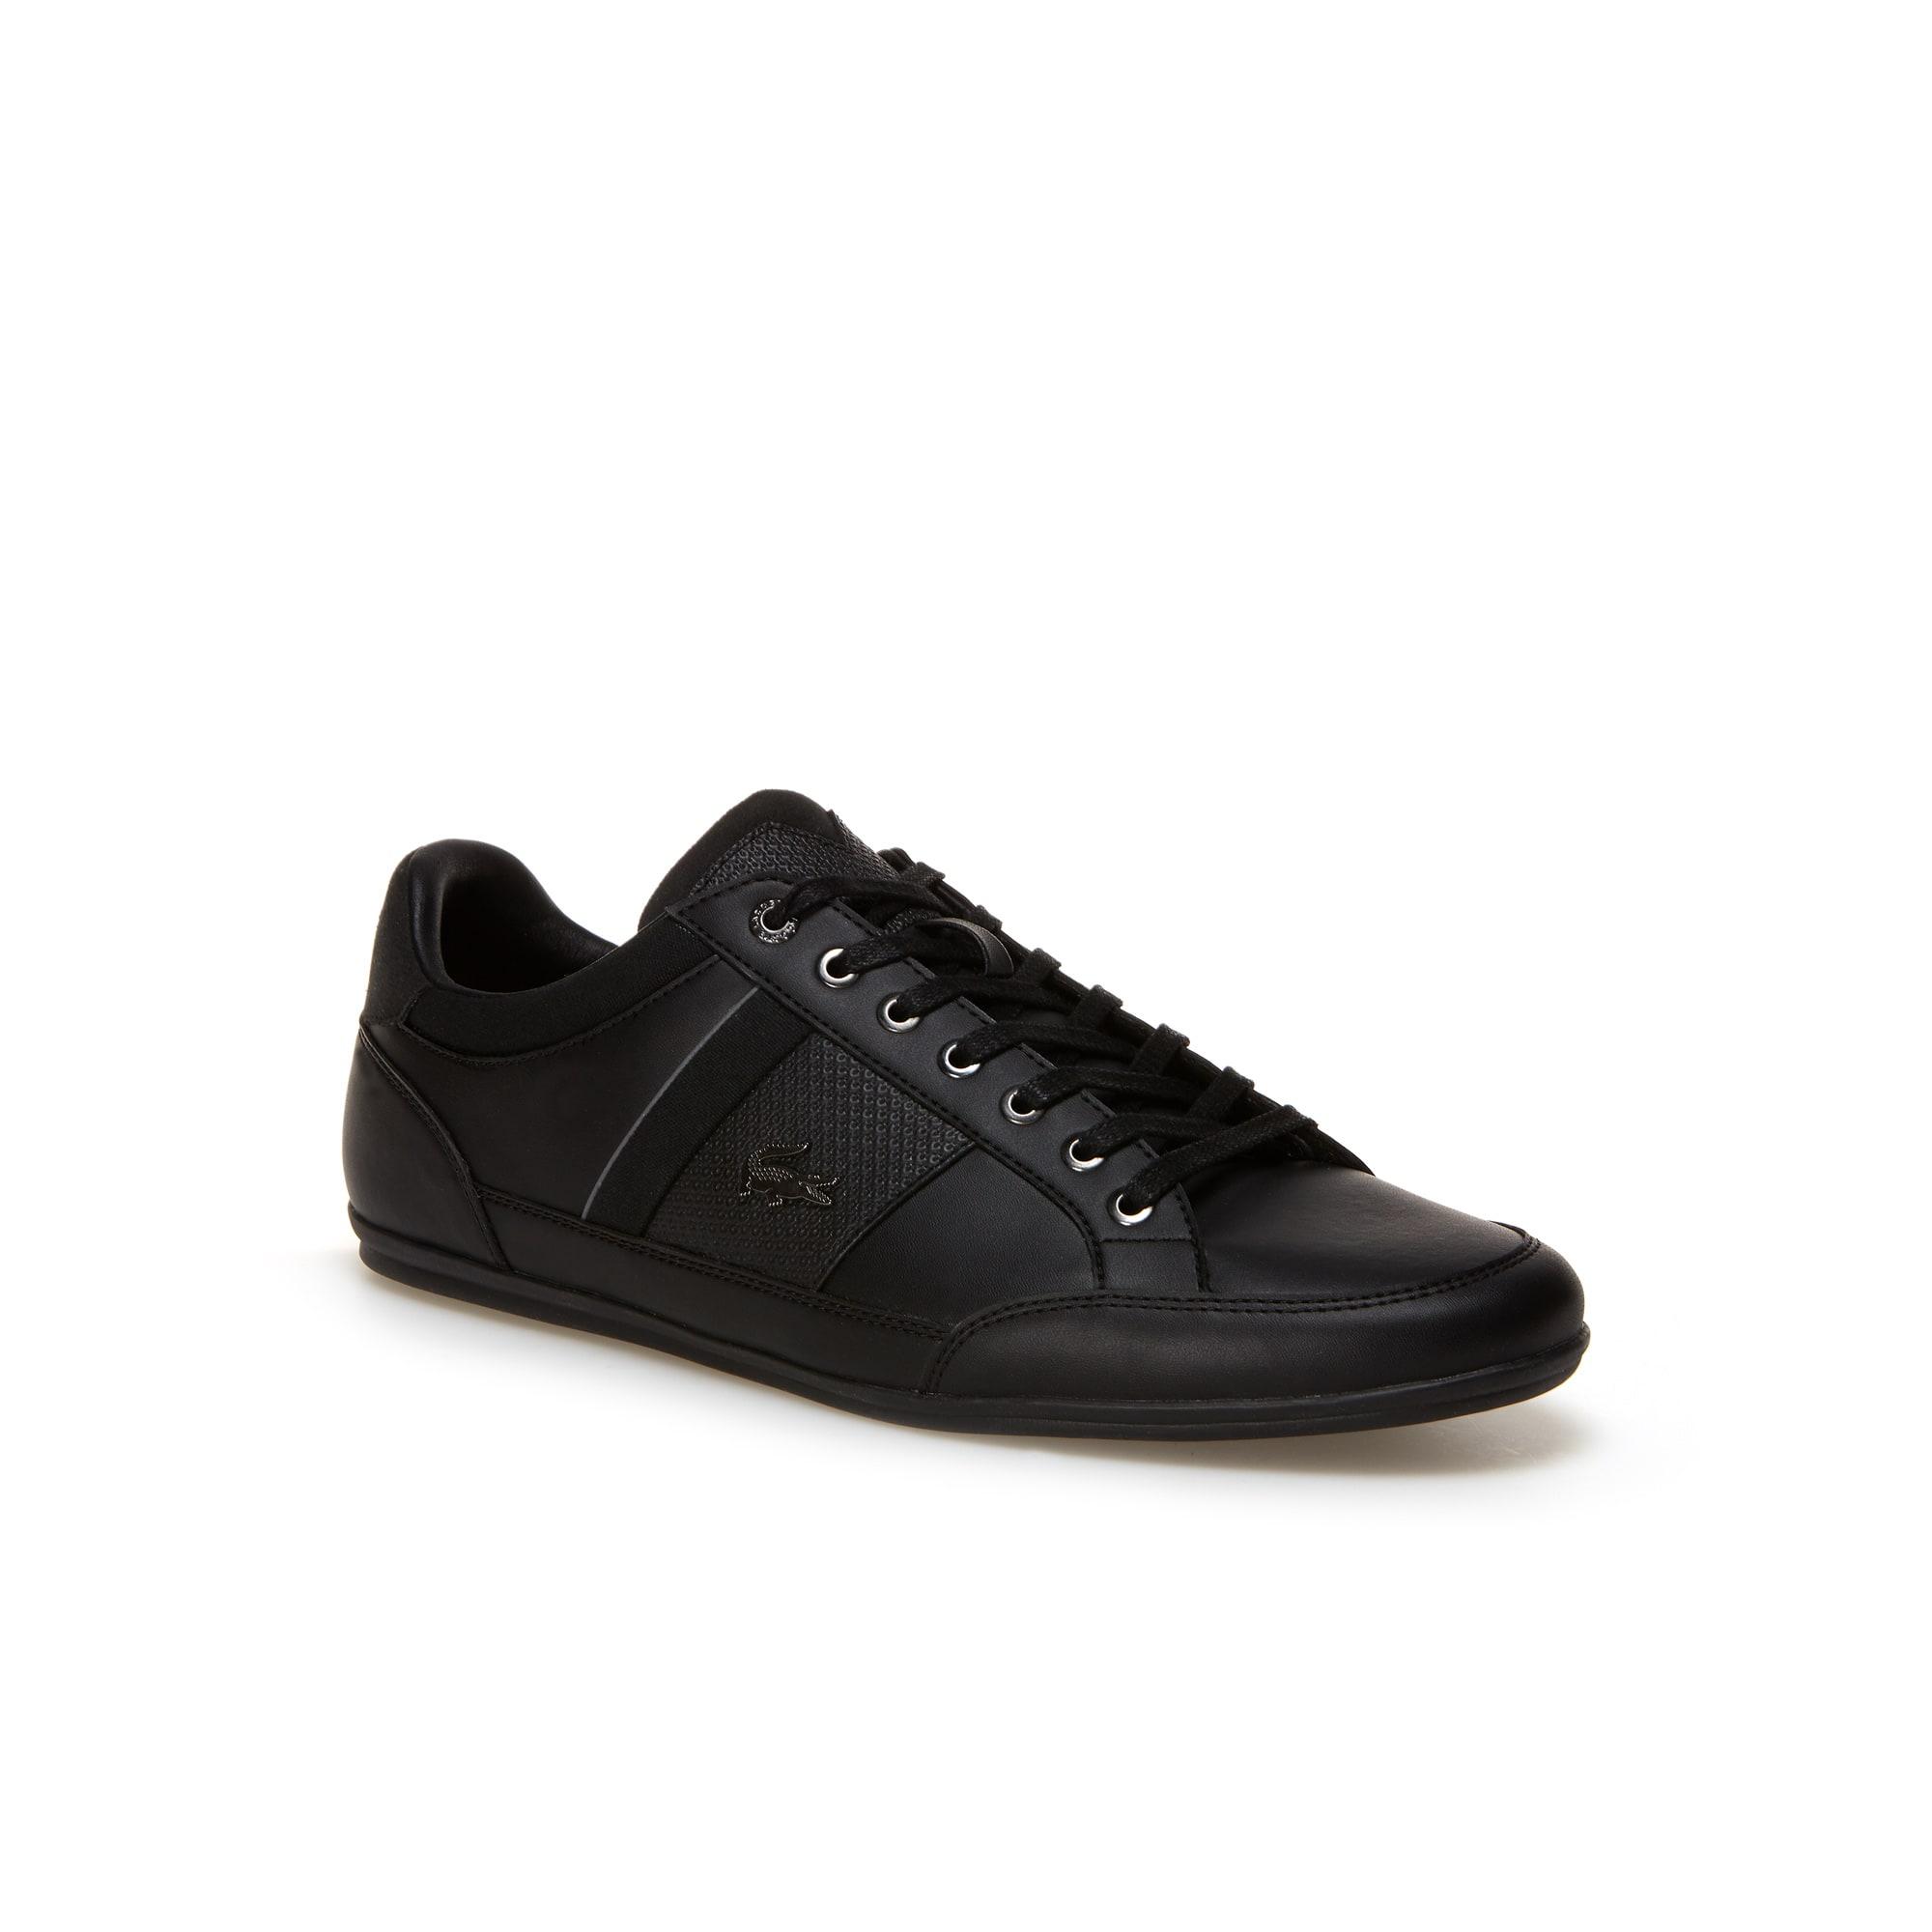 Sneakers Chaymon in pelle nappa, pelle scamosciata e tela